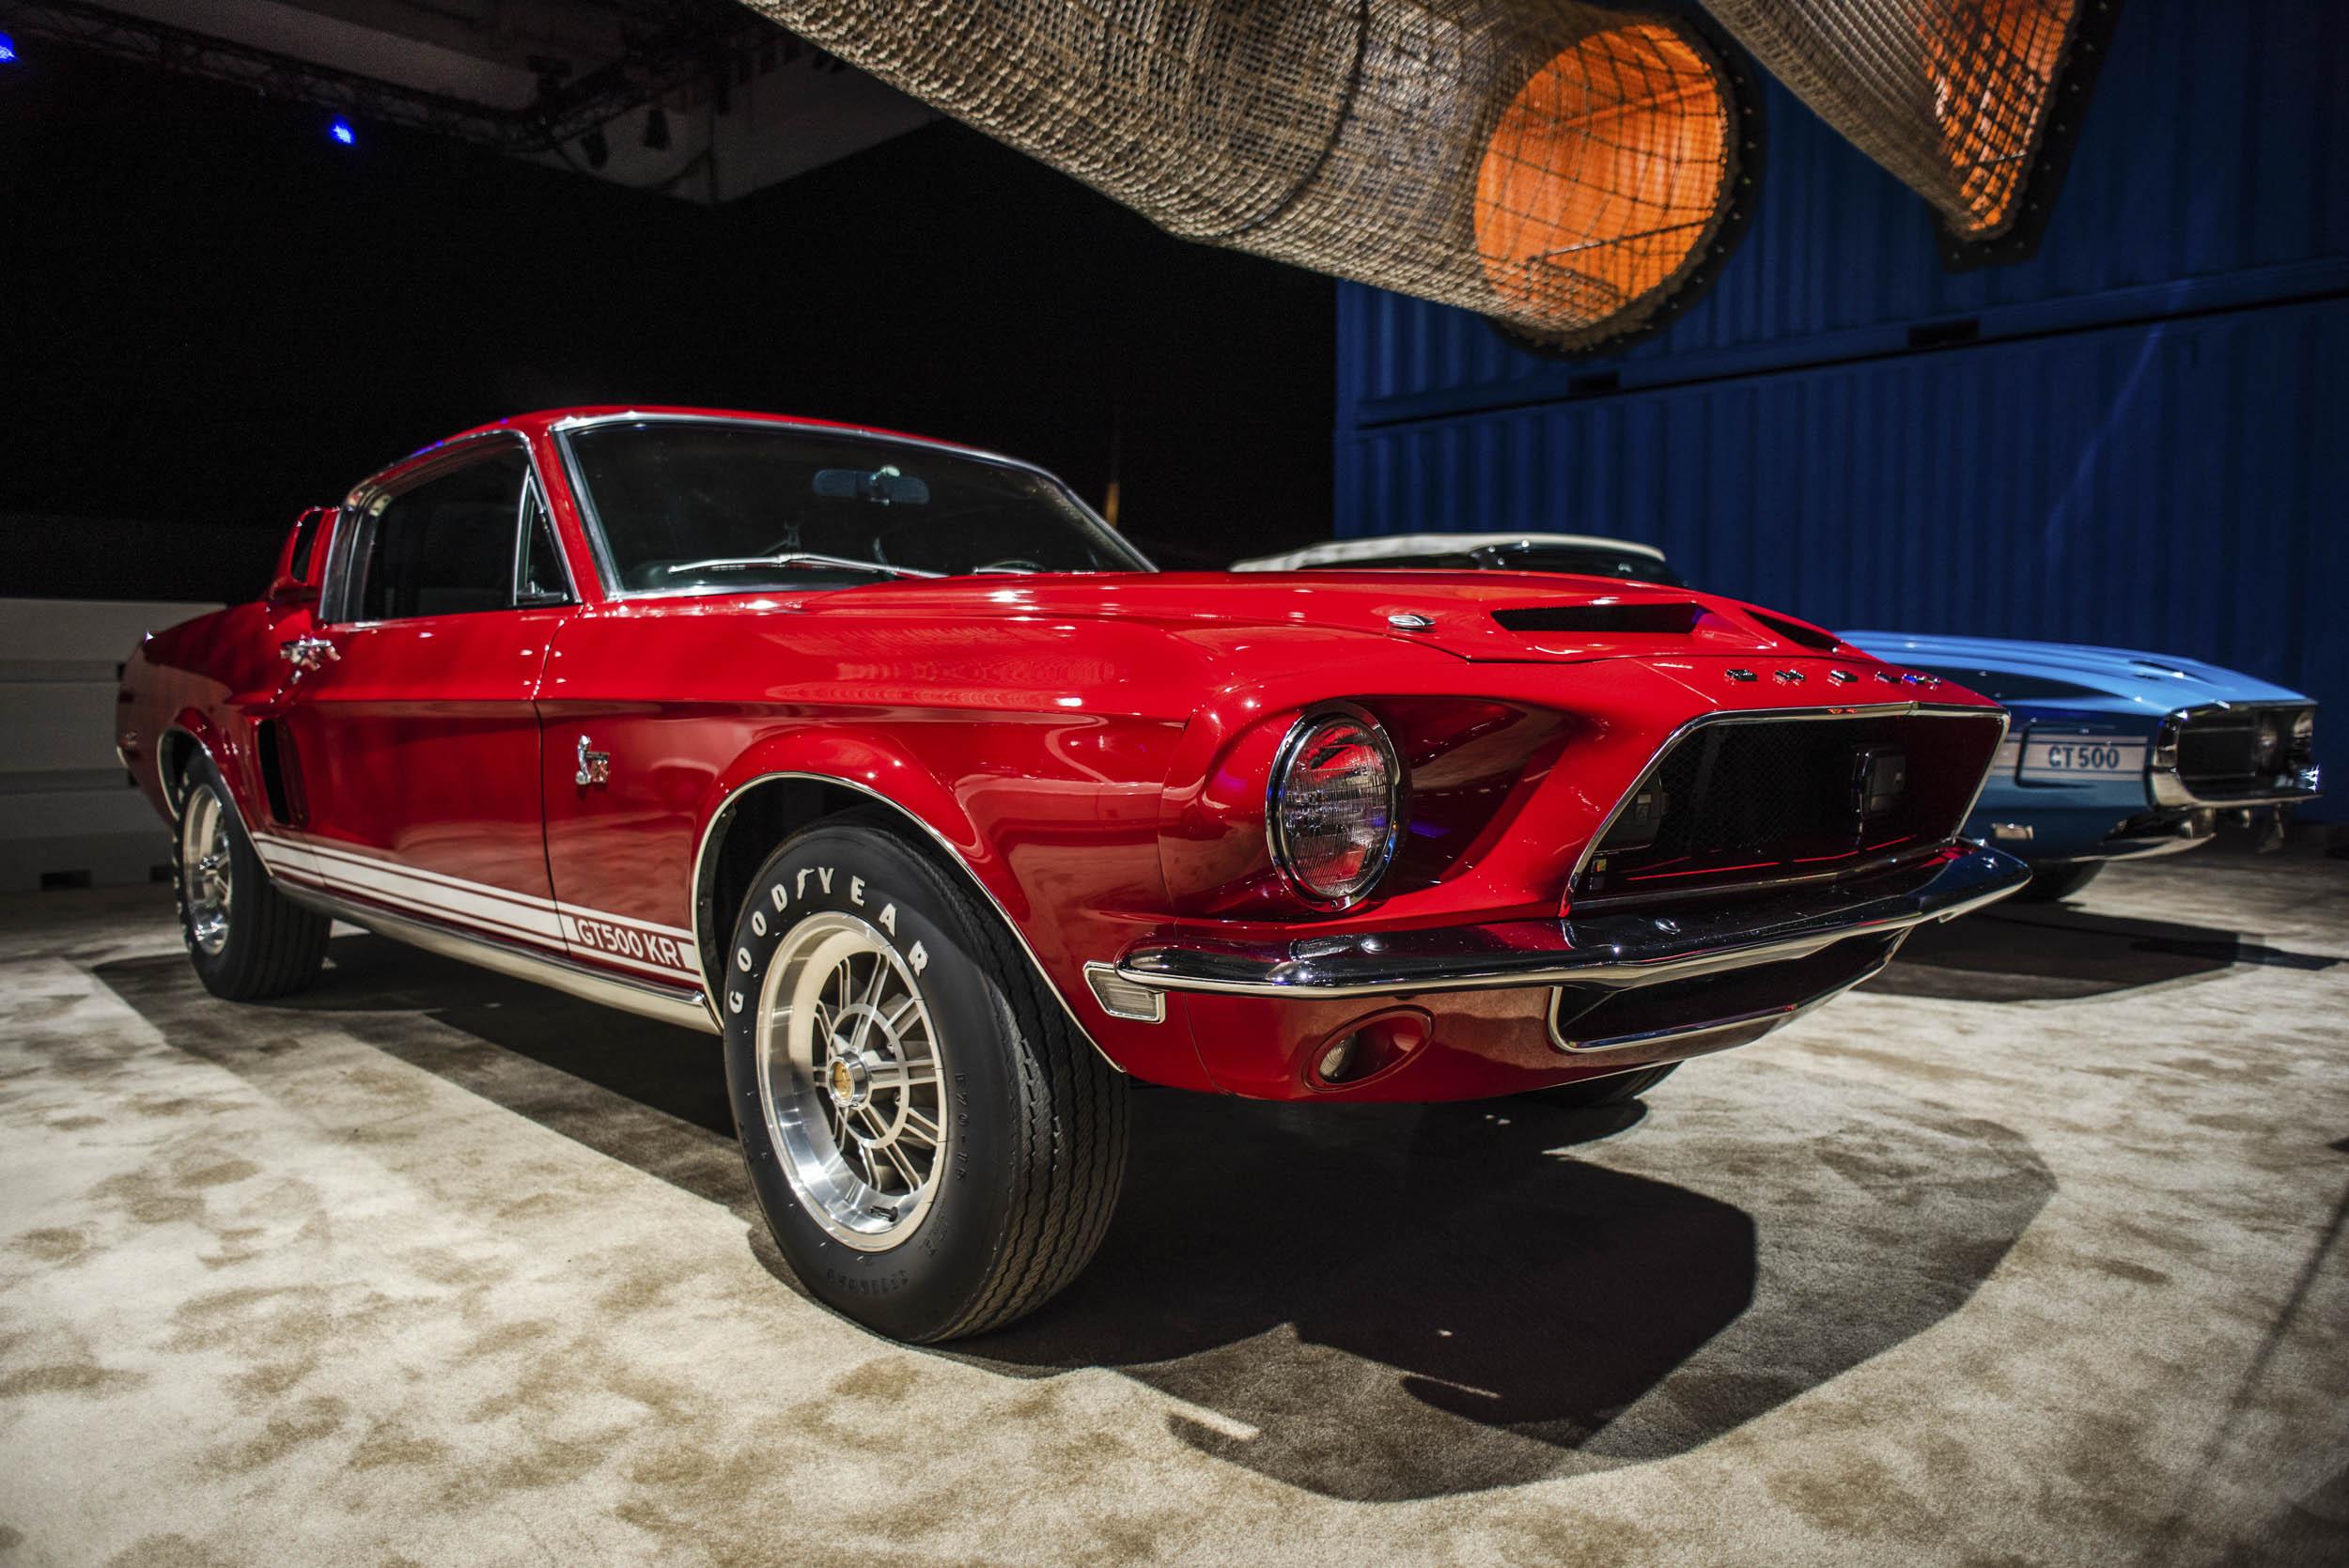 Red Vintage GT500